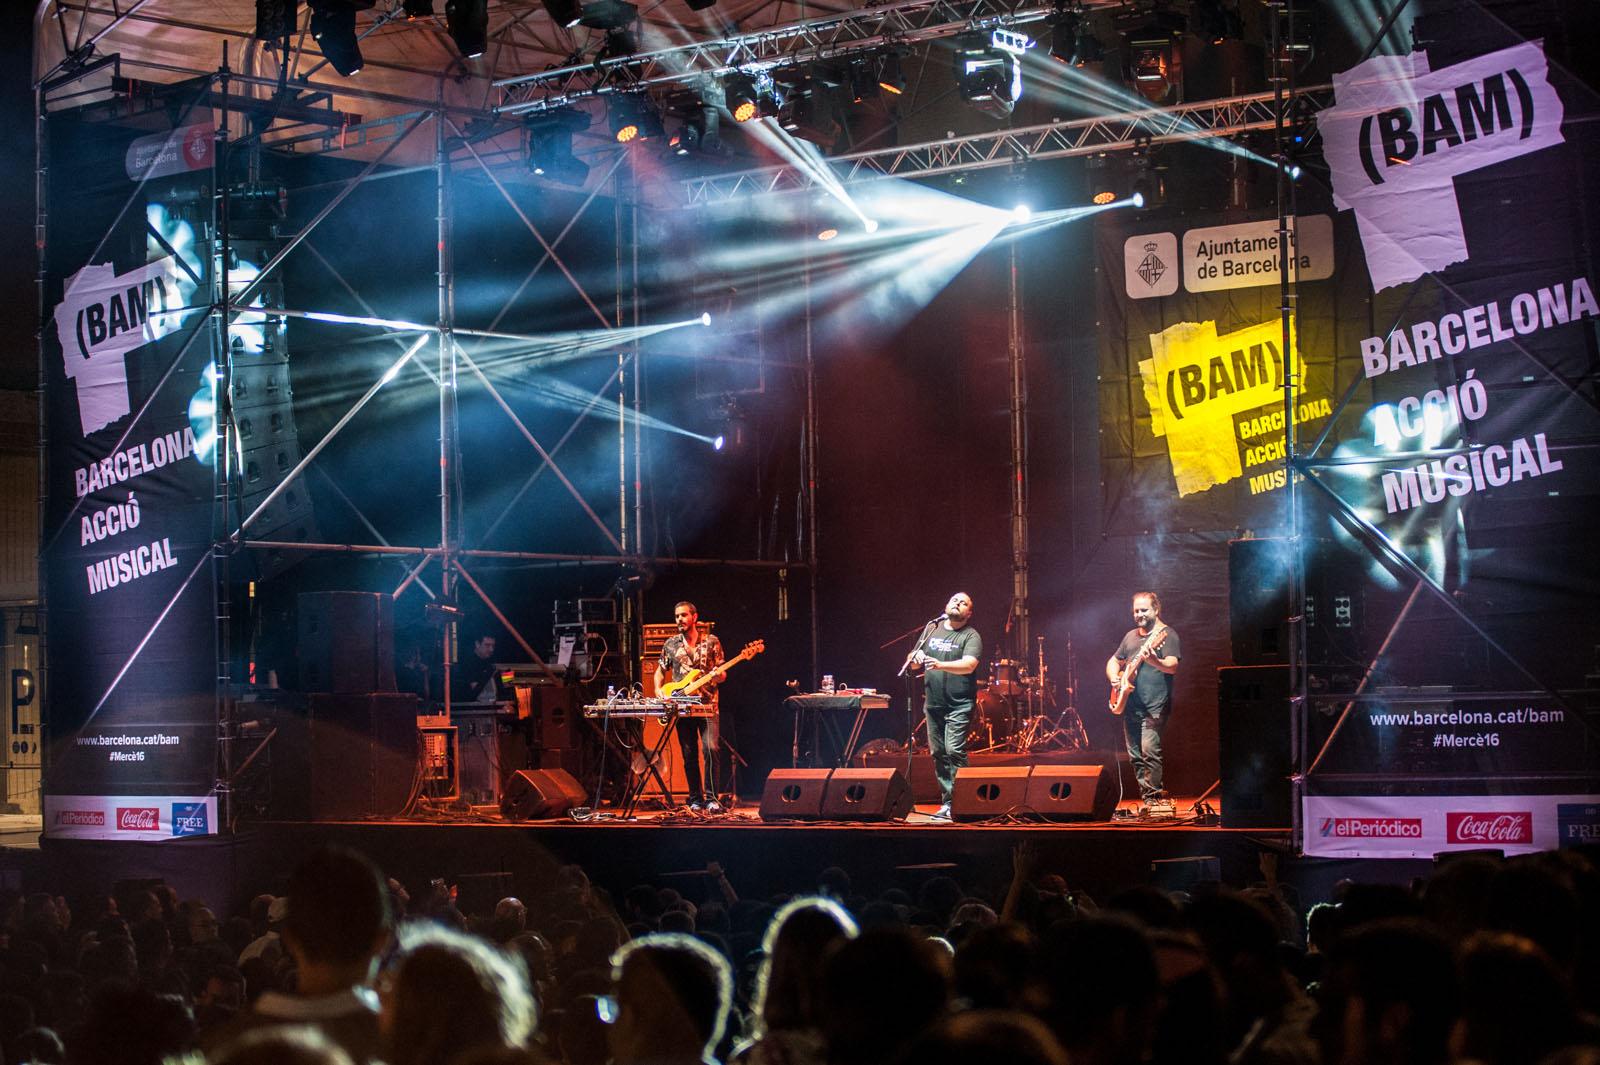 concert-el-niño-de-elche-bam-plaça-del-angels-barcelona-qualsevol-nit